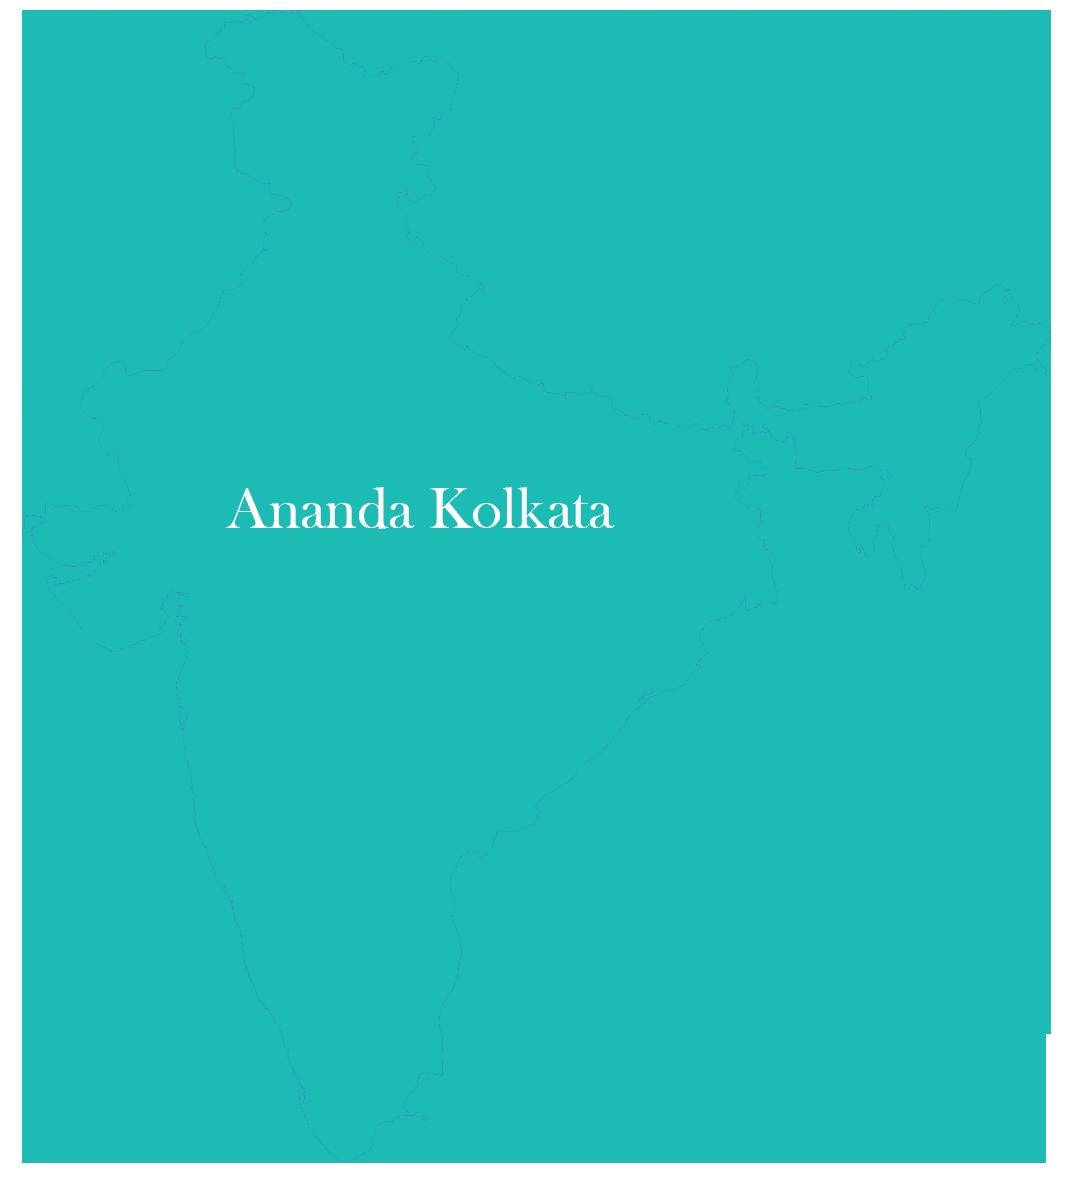 Ananda Kolkata